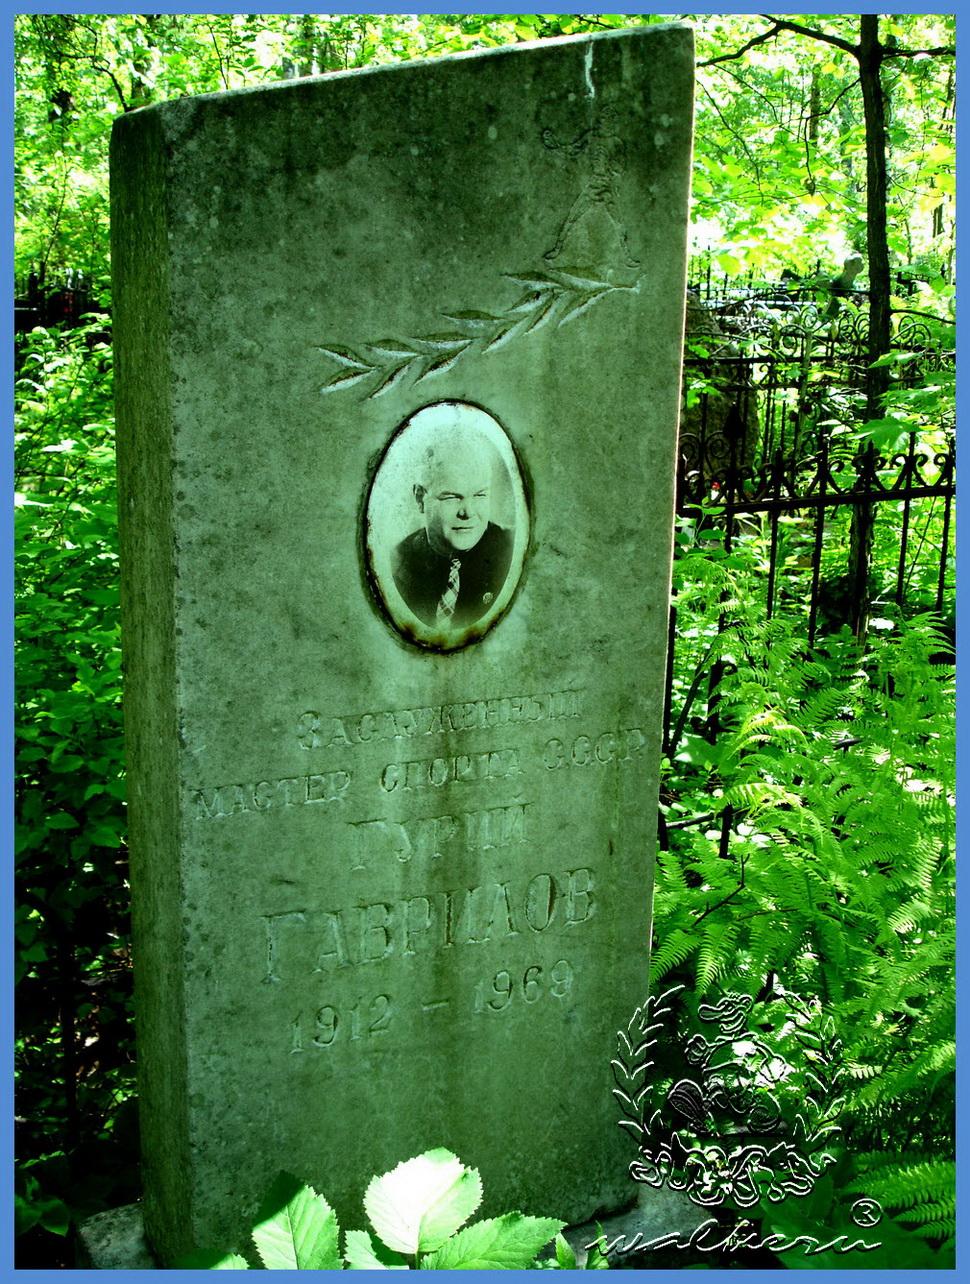 Могила Гаврилова Г.К. на Серафимовском кладбище